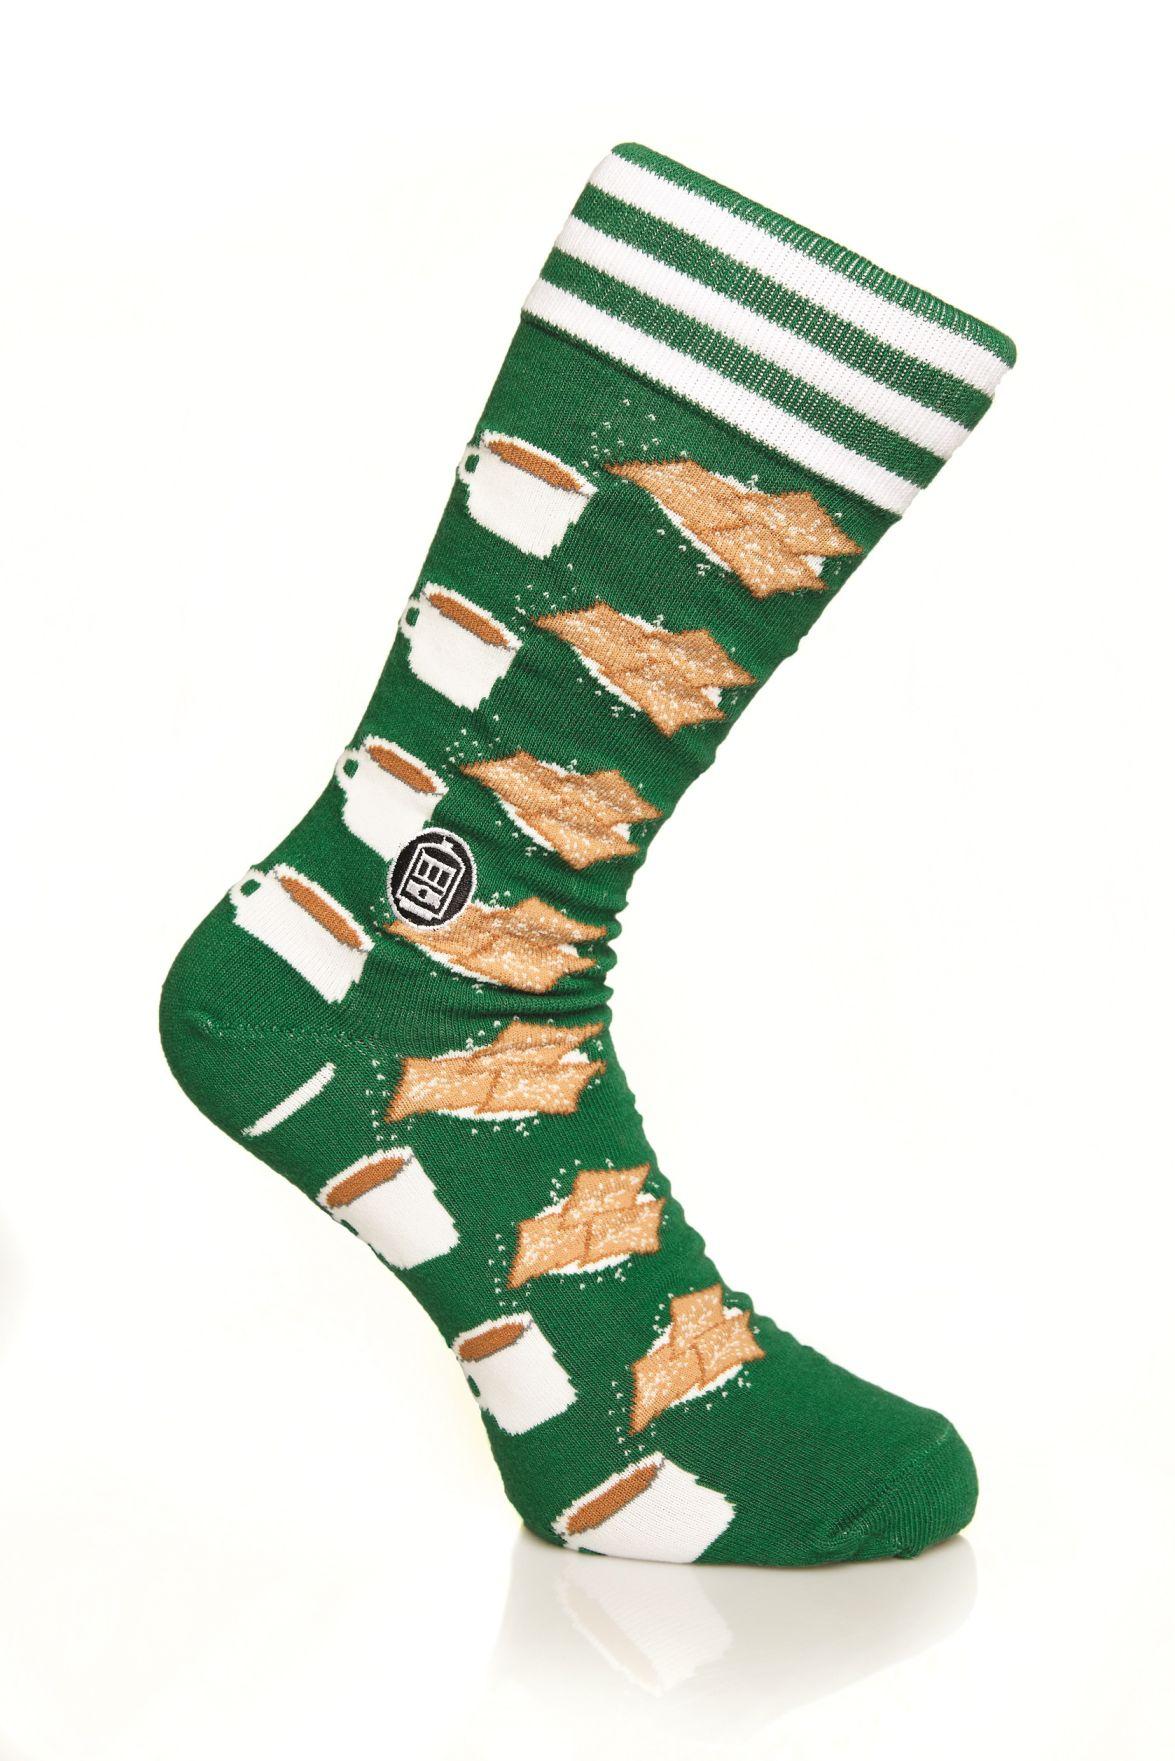 bonfolk socks